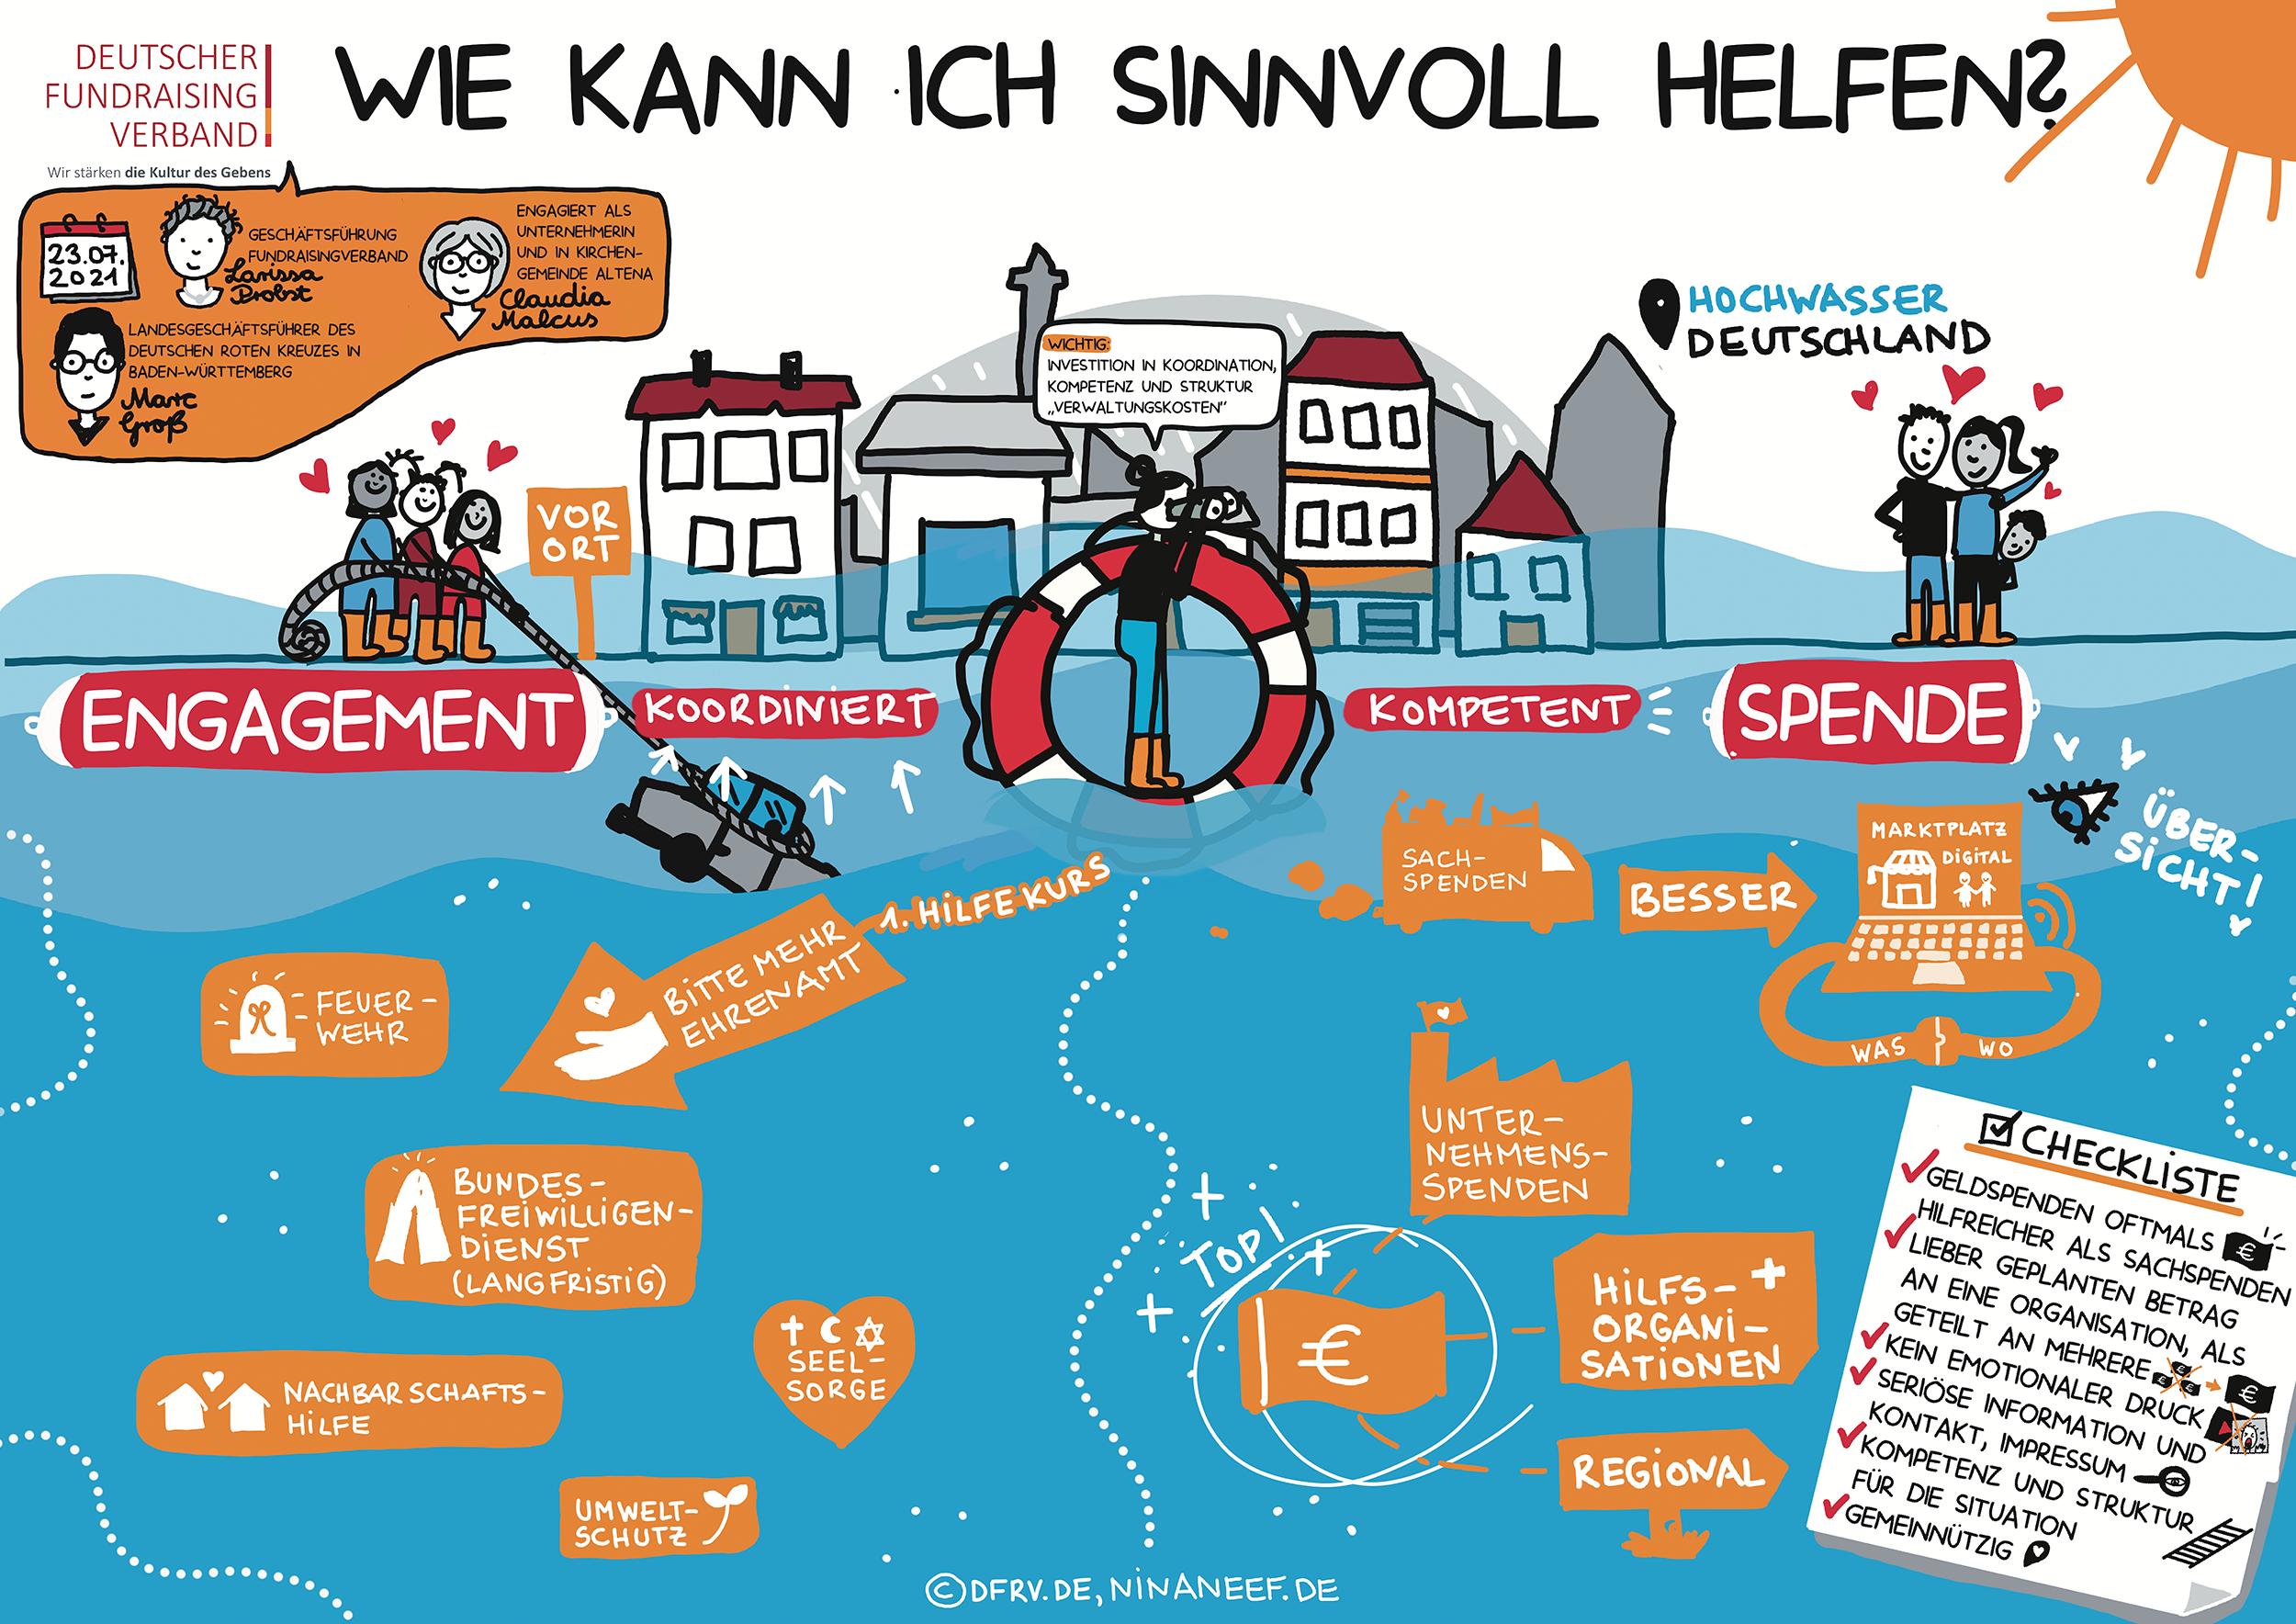 Deutscher Fundraising Verband: Wie Kann Ich Sinnvoll Helfen?